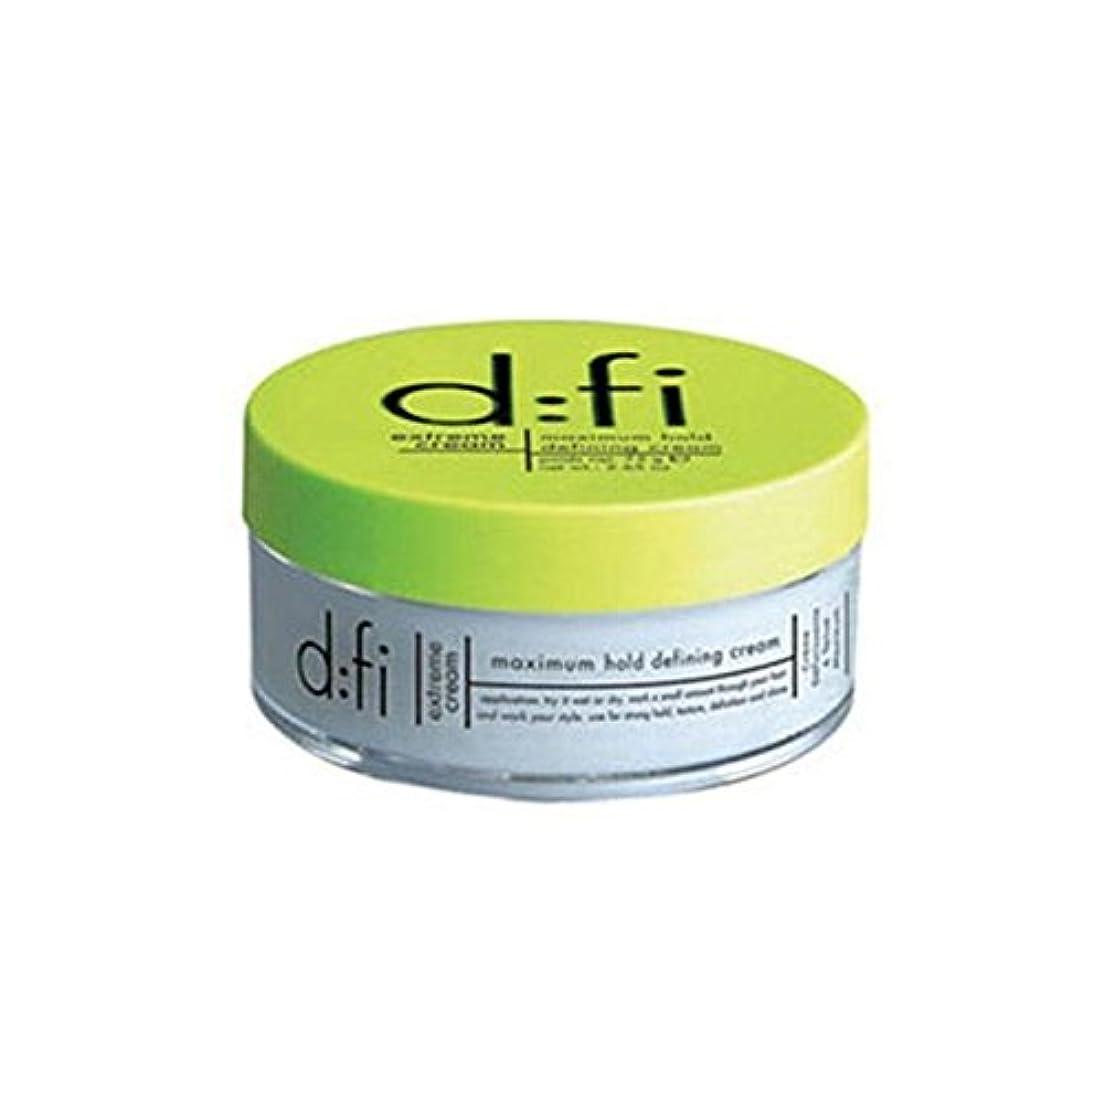 図書館上回る論文:の極端なホールドスタイリングクリーム(75) x2 - D:Fi Extreme Hold Styling Cream (75Gms) (Pack of 2) [並行輸入品]